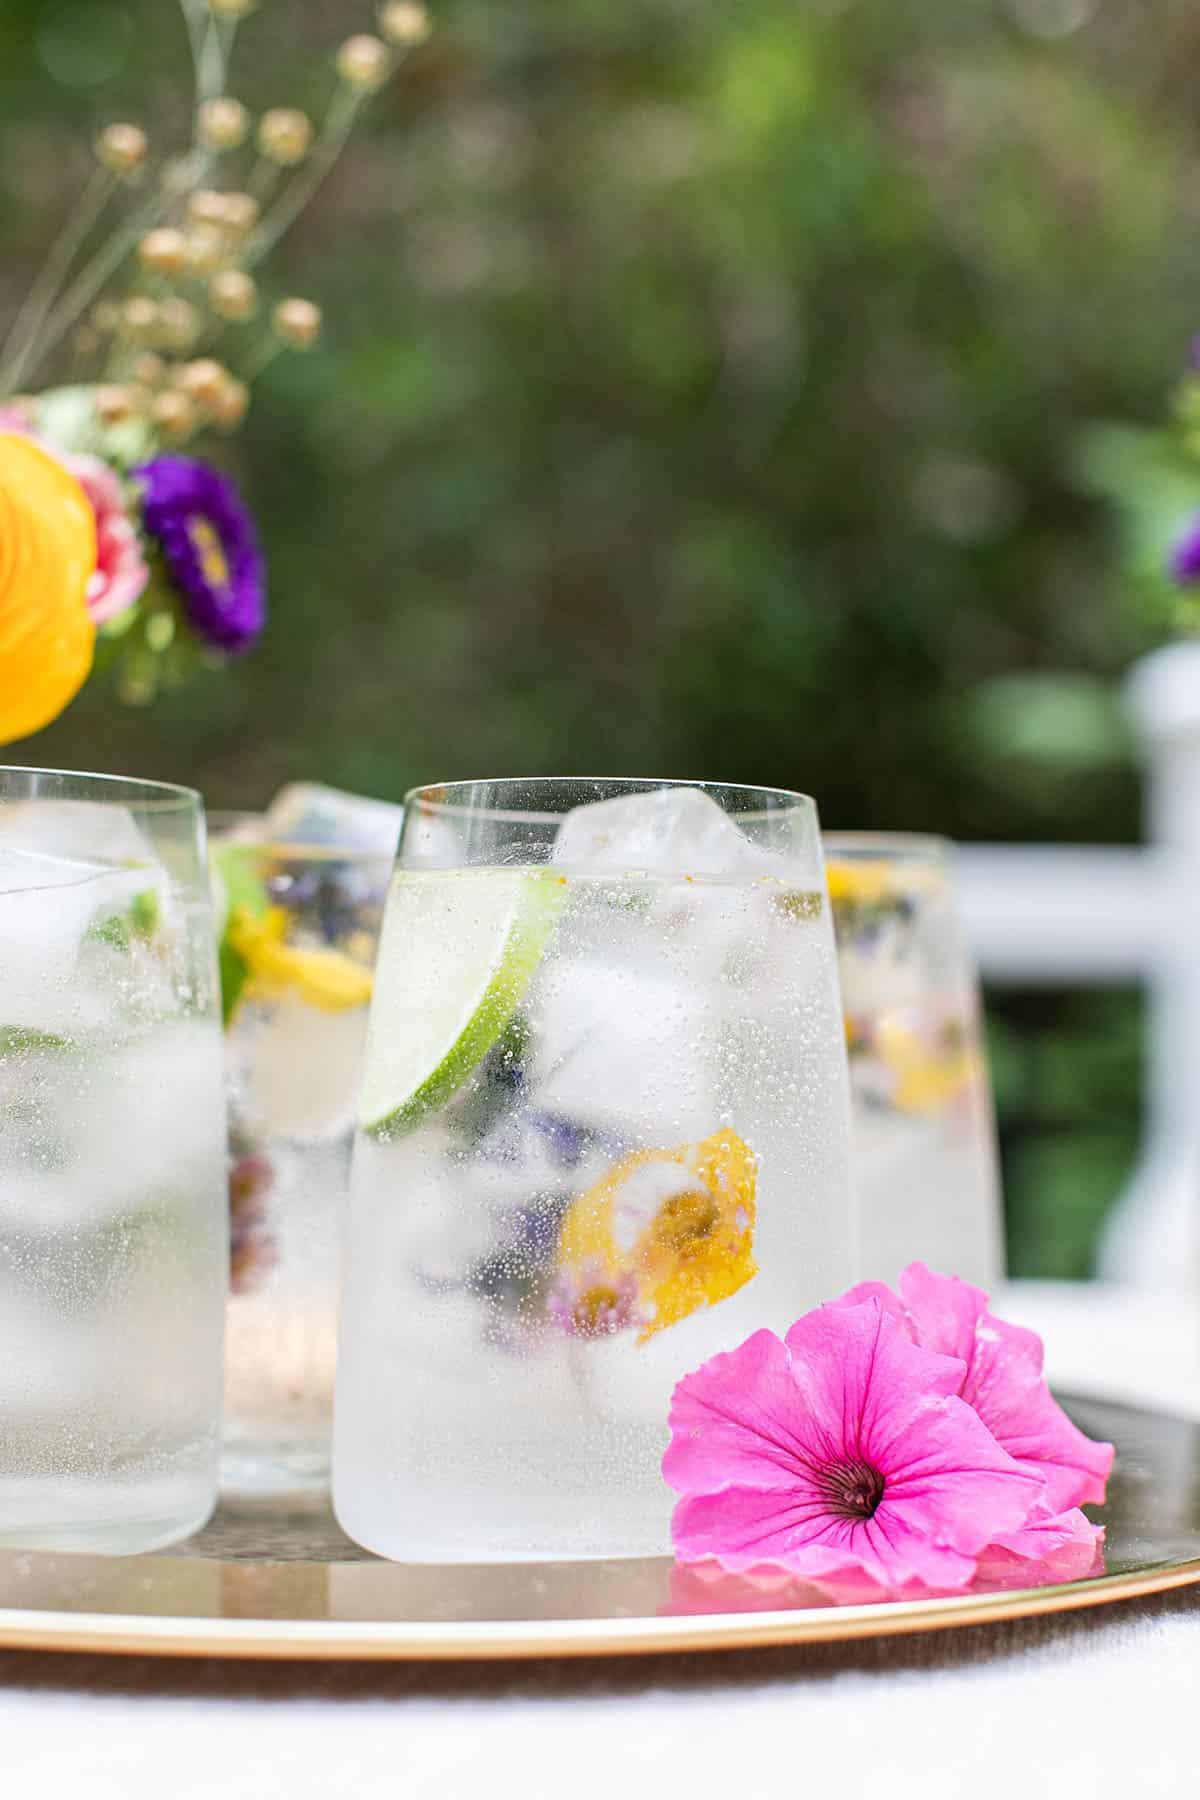 vodka soda recipe